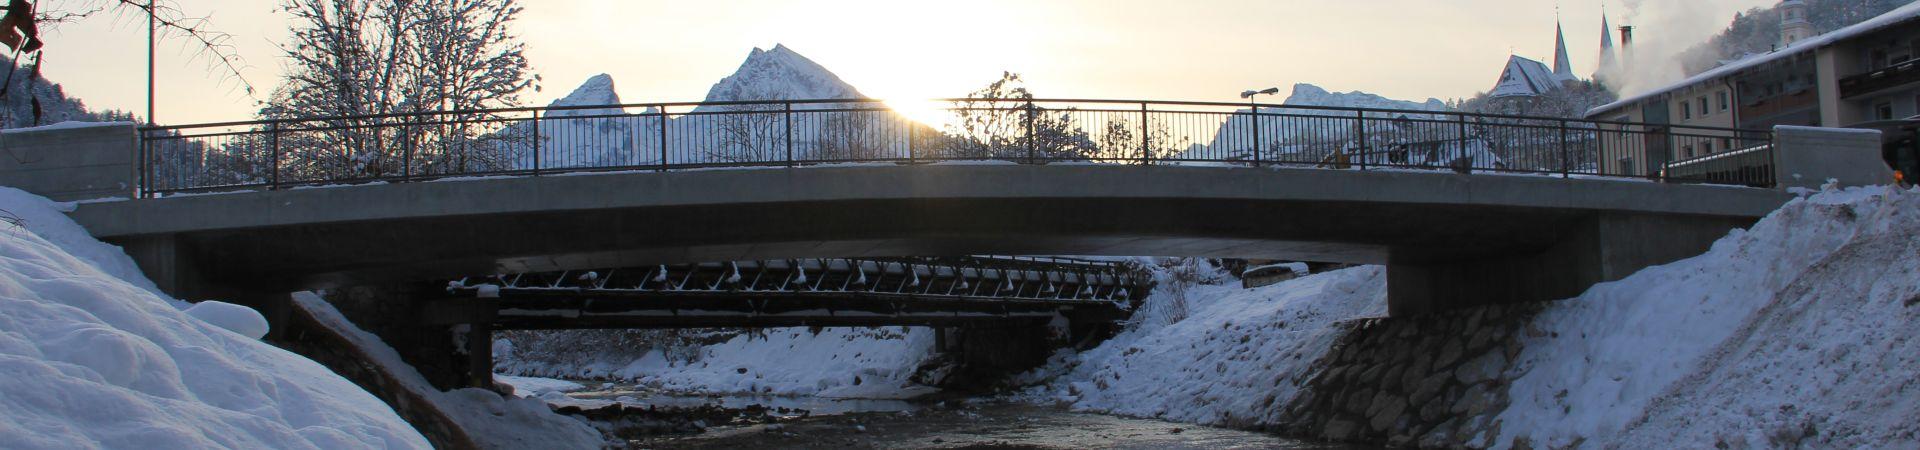 Titelbild Breitwiesenbruecke Berchtesgaden